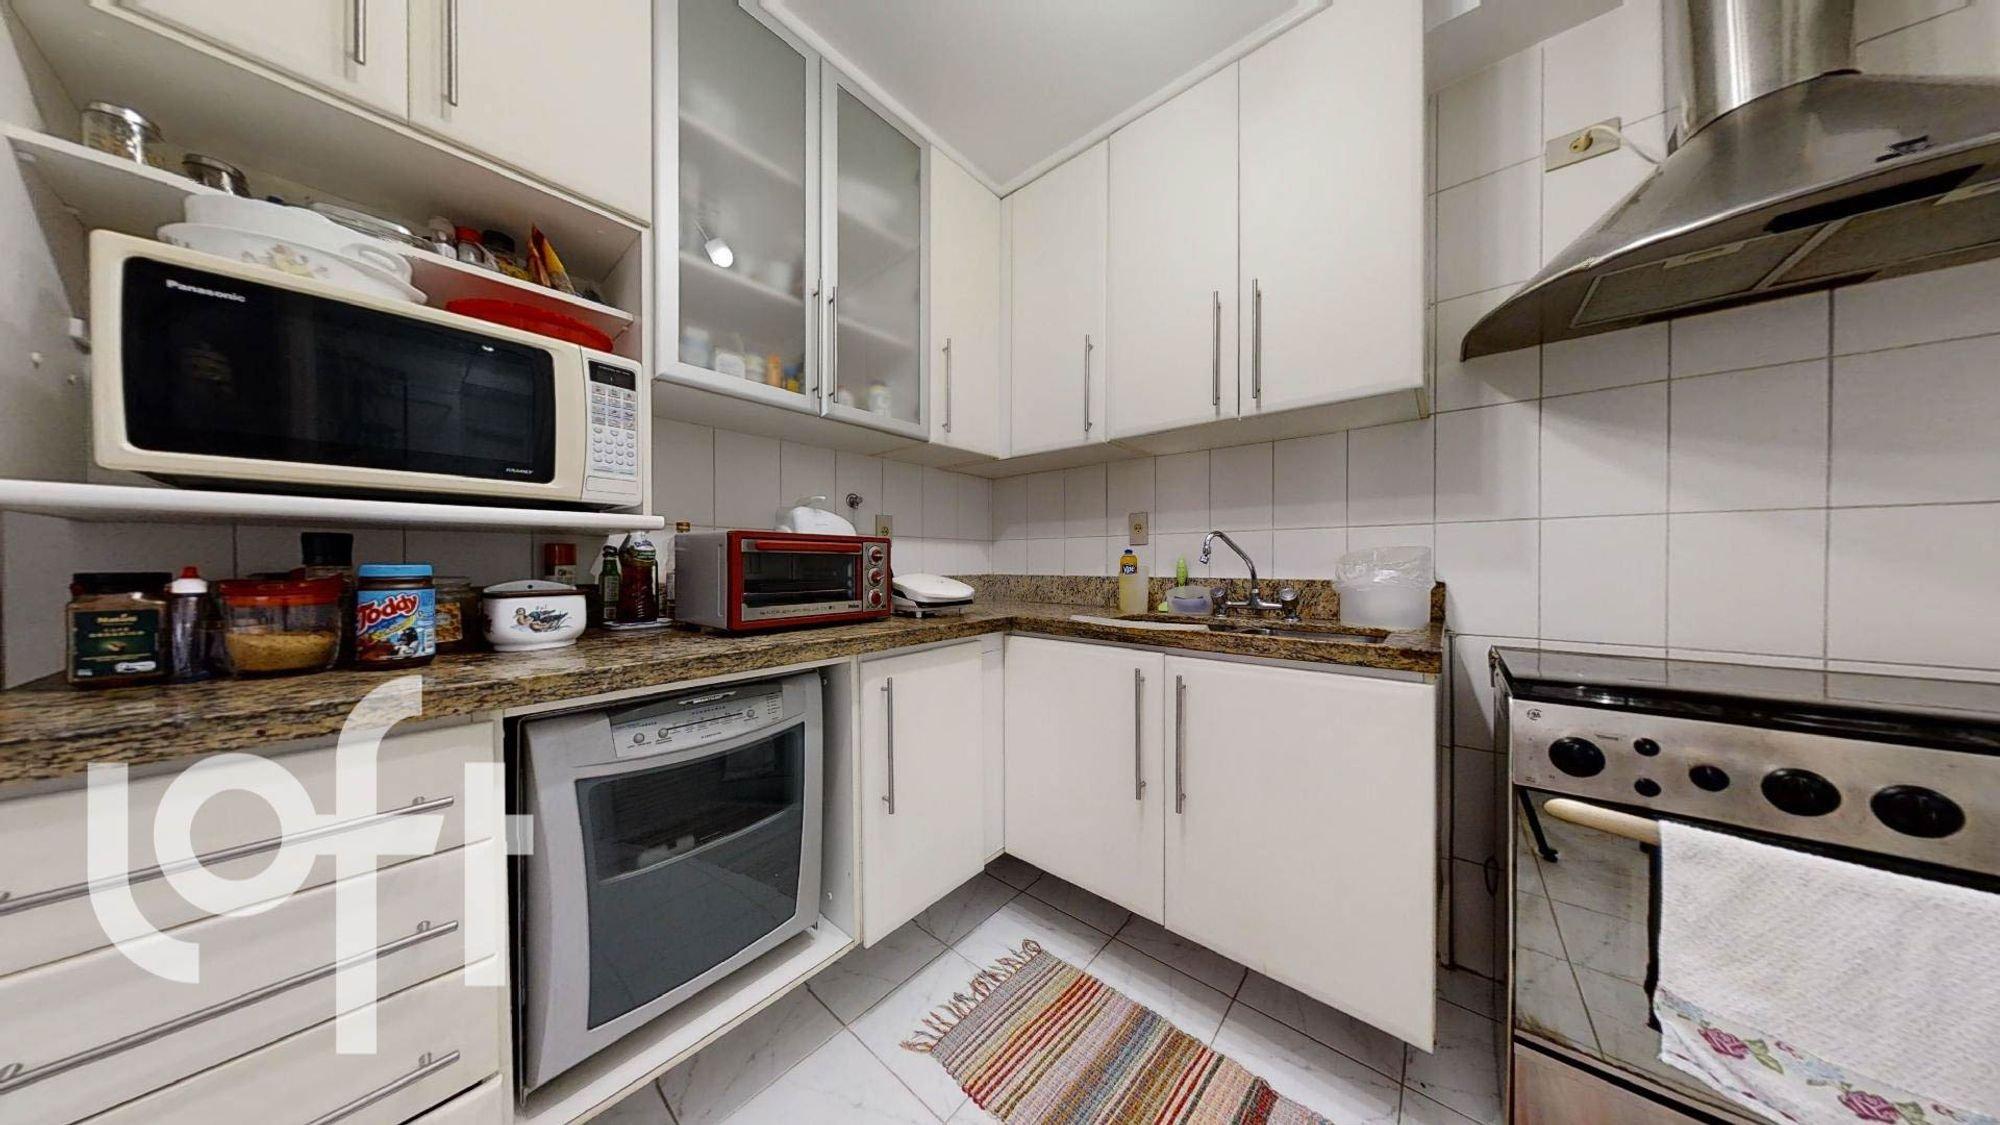 Foto de Cozinha com garrafa, forno, microondas, xícara